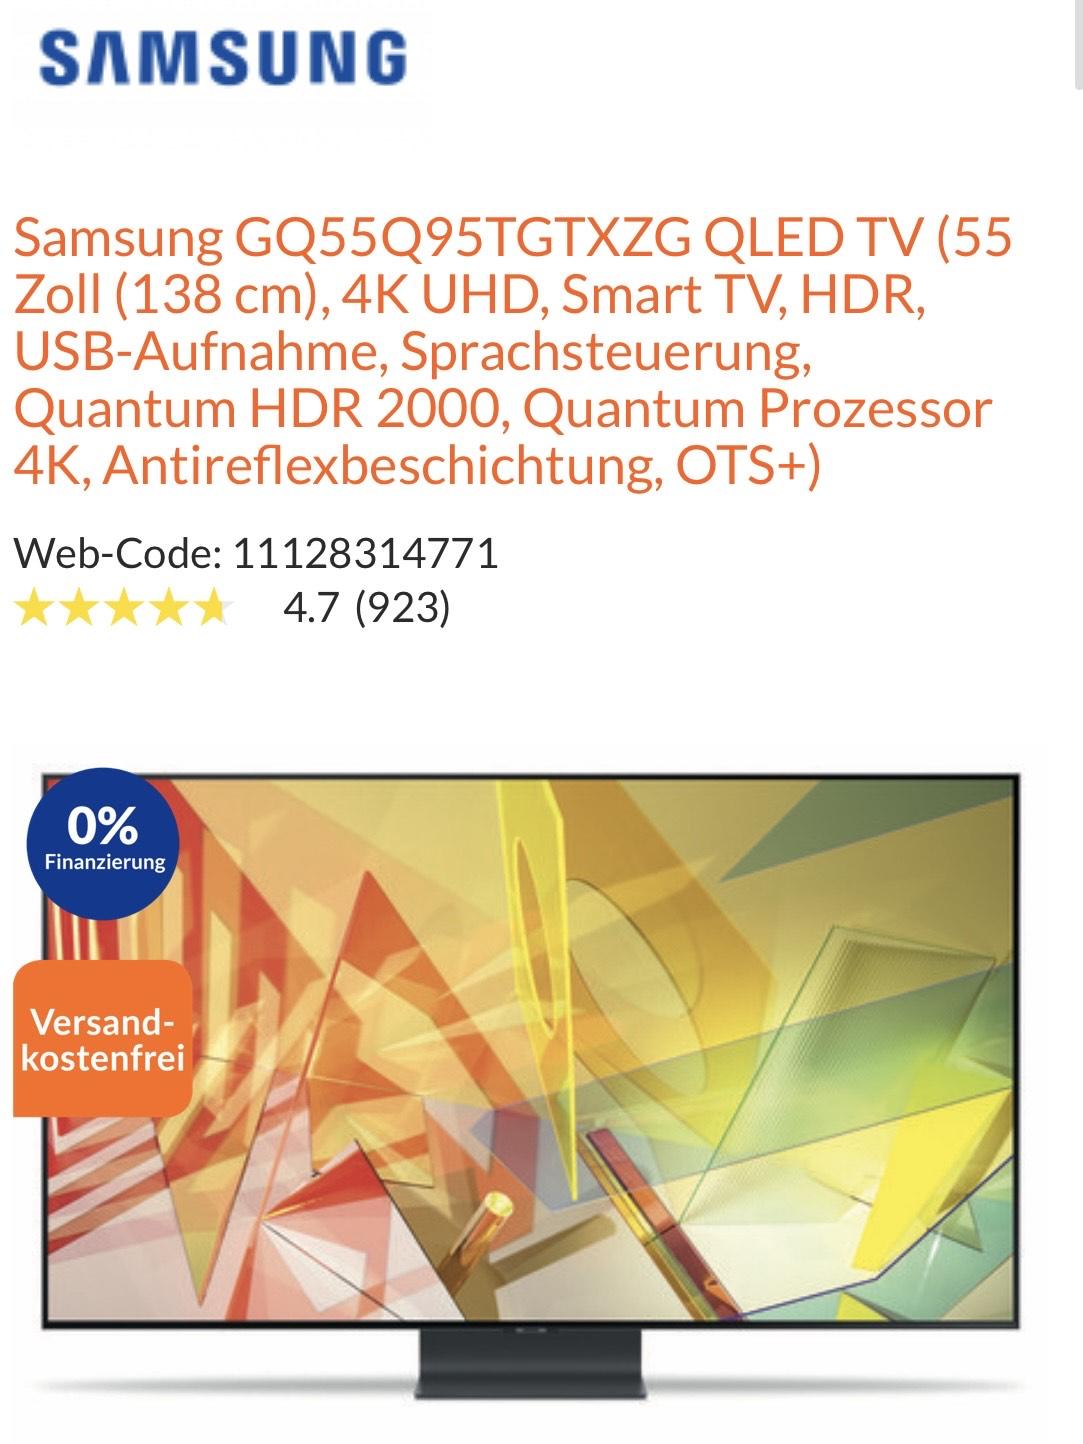 Samsung GQ55Q95TGTXZG für 1095€ bei expert